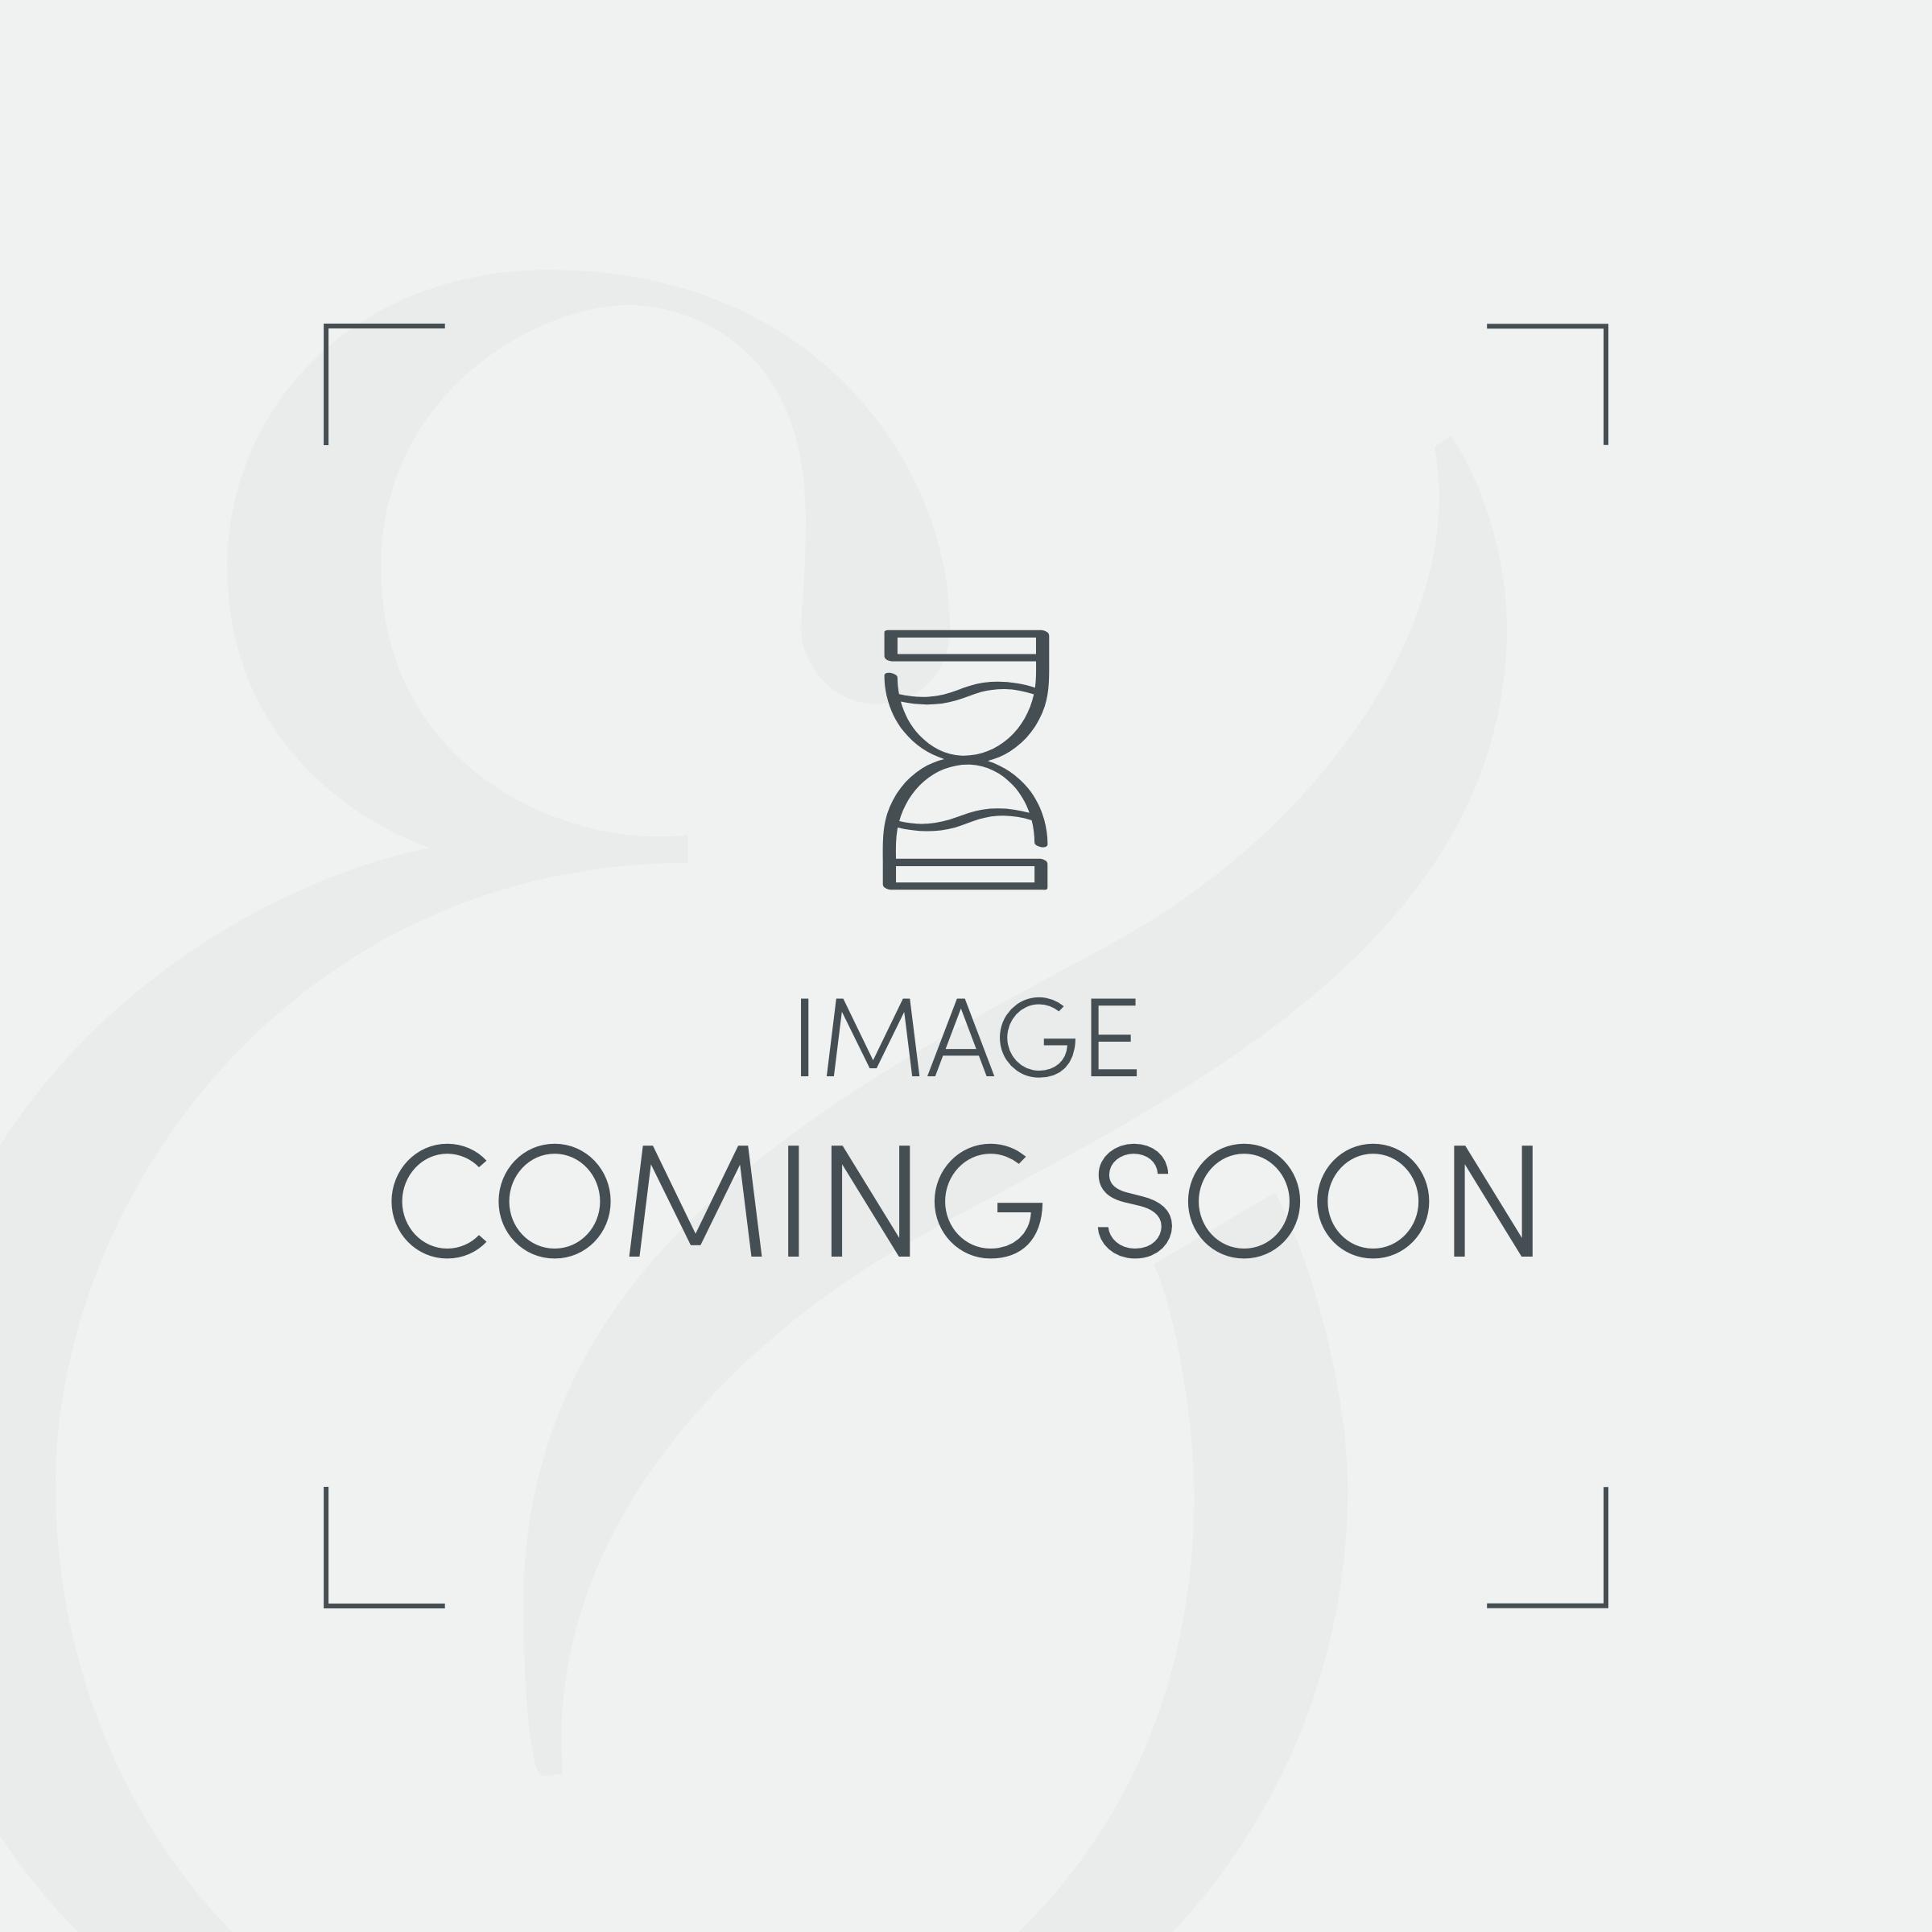 Supreme 3000 Pocket Sprung Pillowtop Mattress - Medium/Firm - King